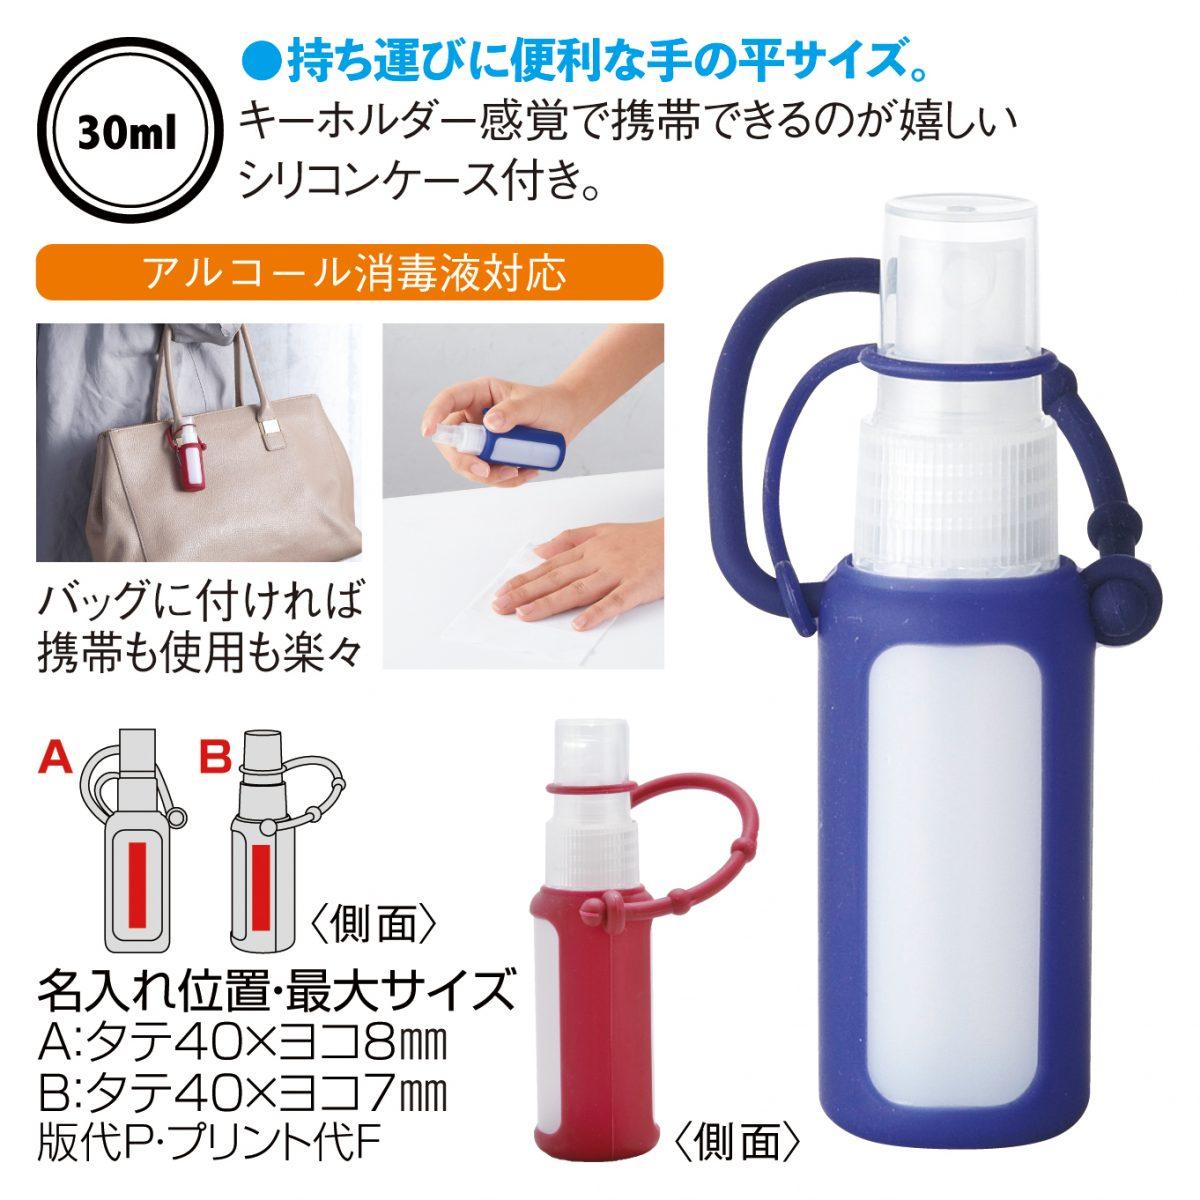 シリコンケース付きスプレーボトル 30ml(ネイビー)